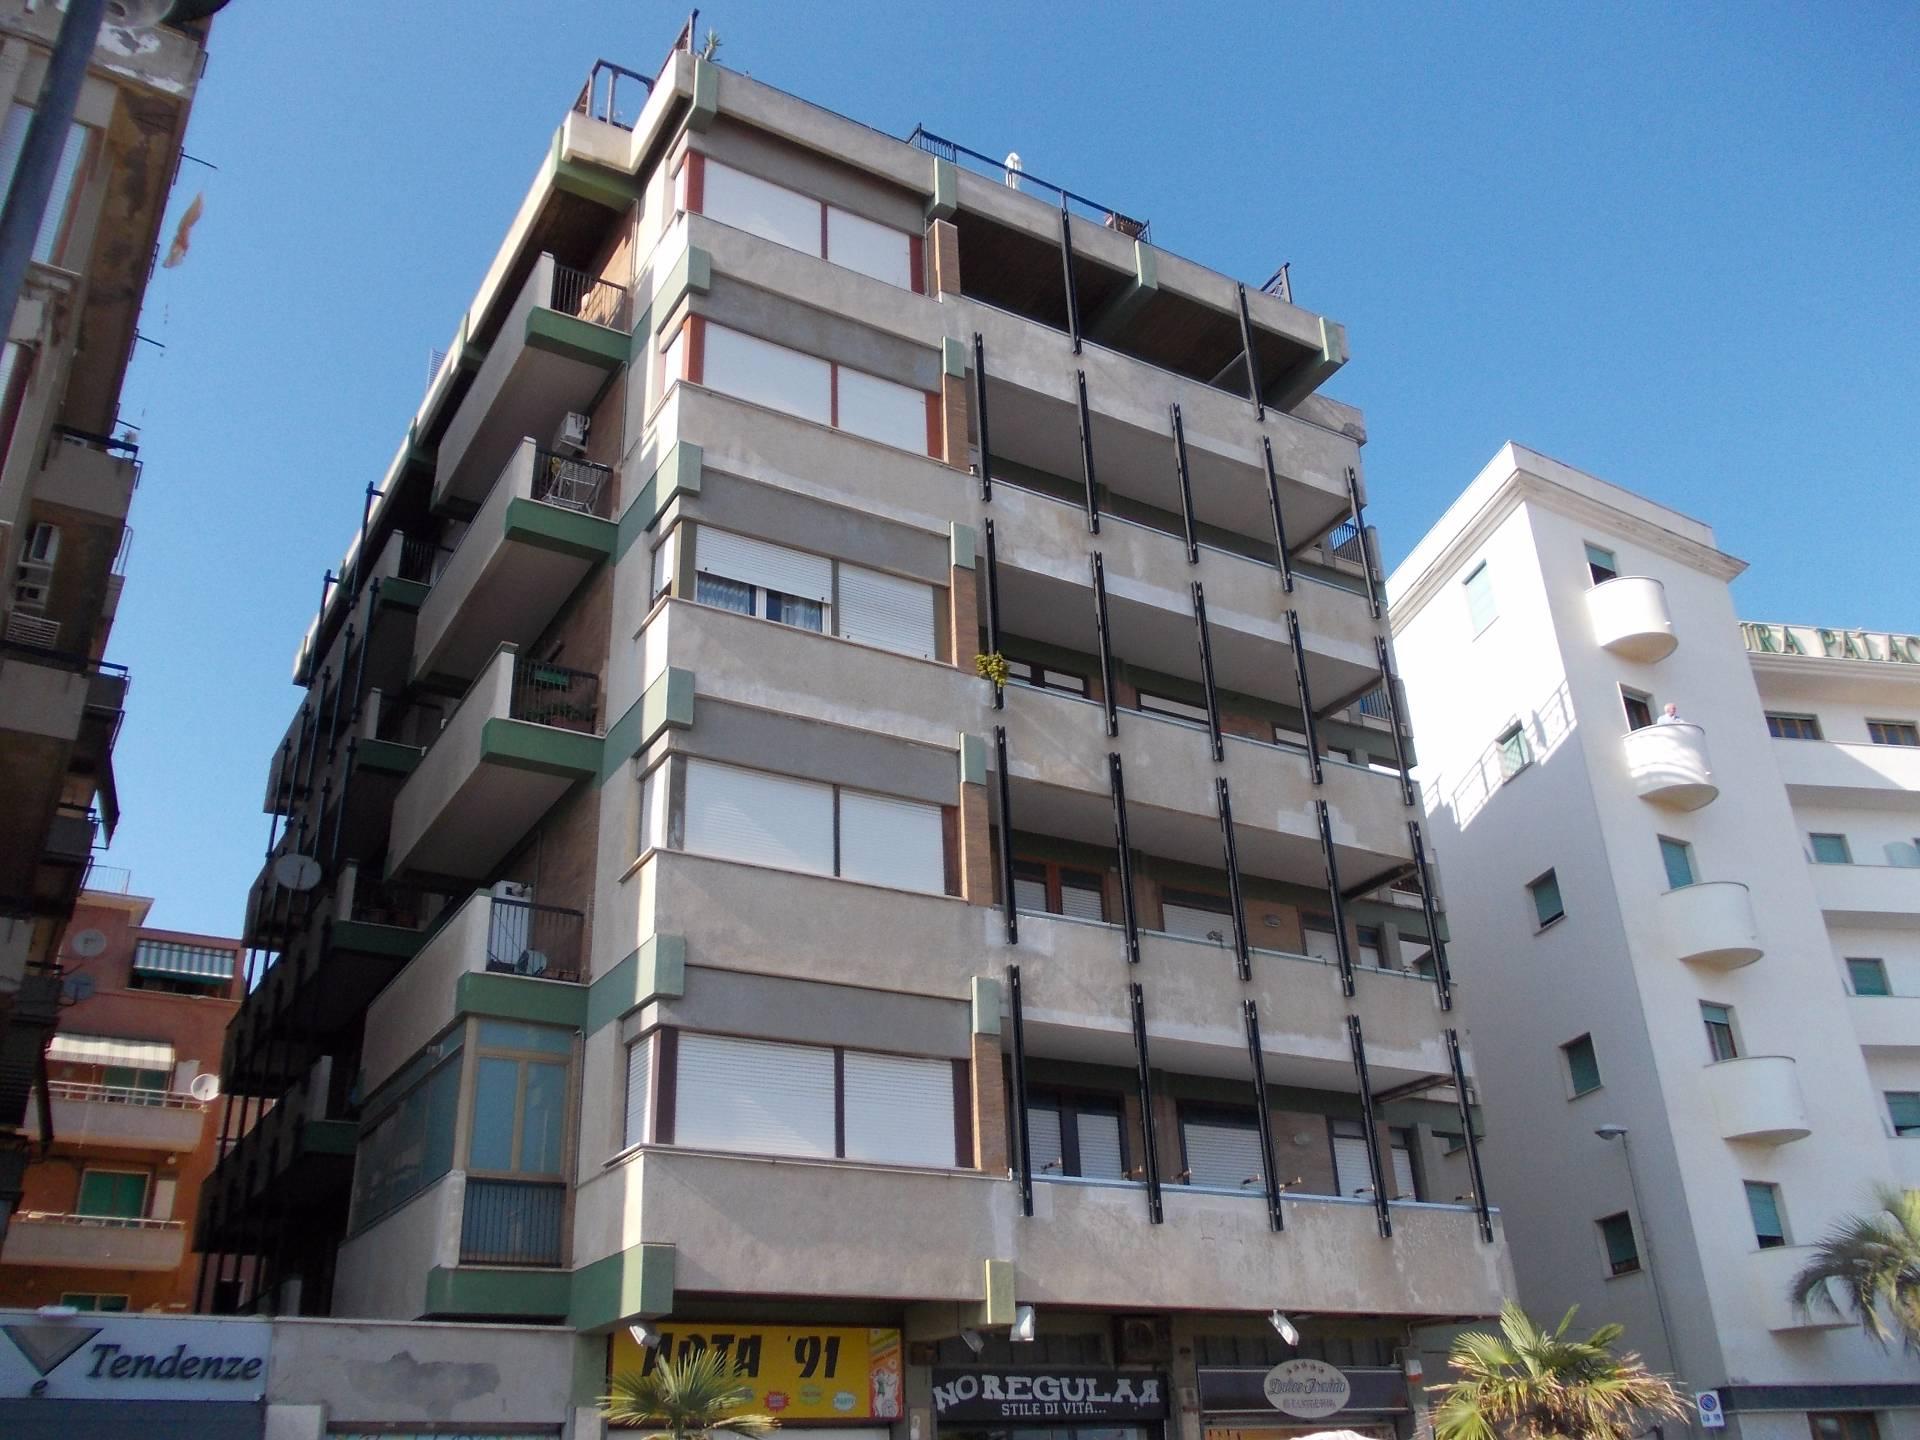 Appartamento in affitto a Nettuno, 3 locali, zona Località: centro, prezzo € 450 | Cambio Casa.it